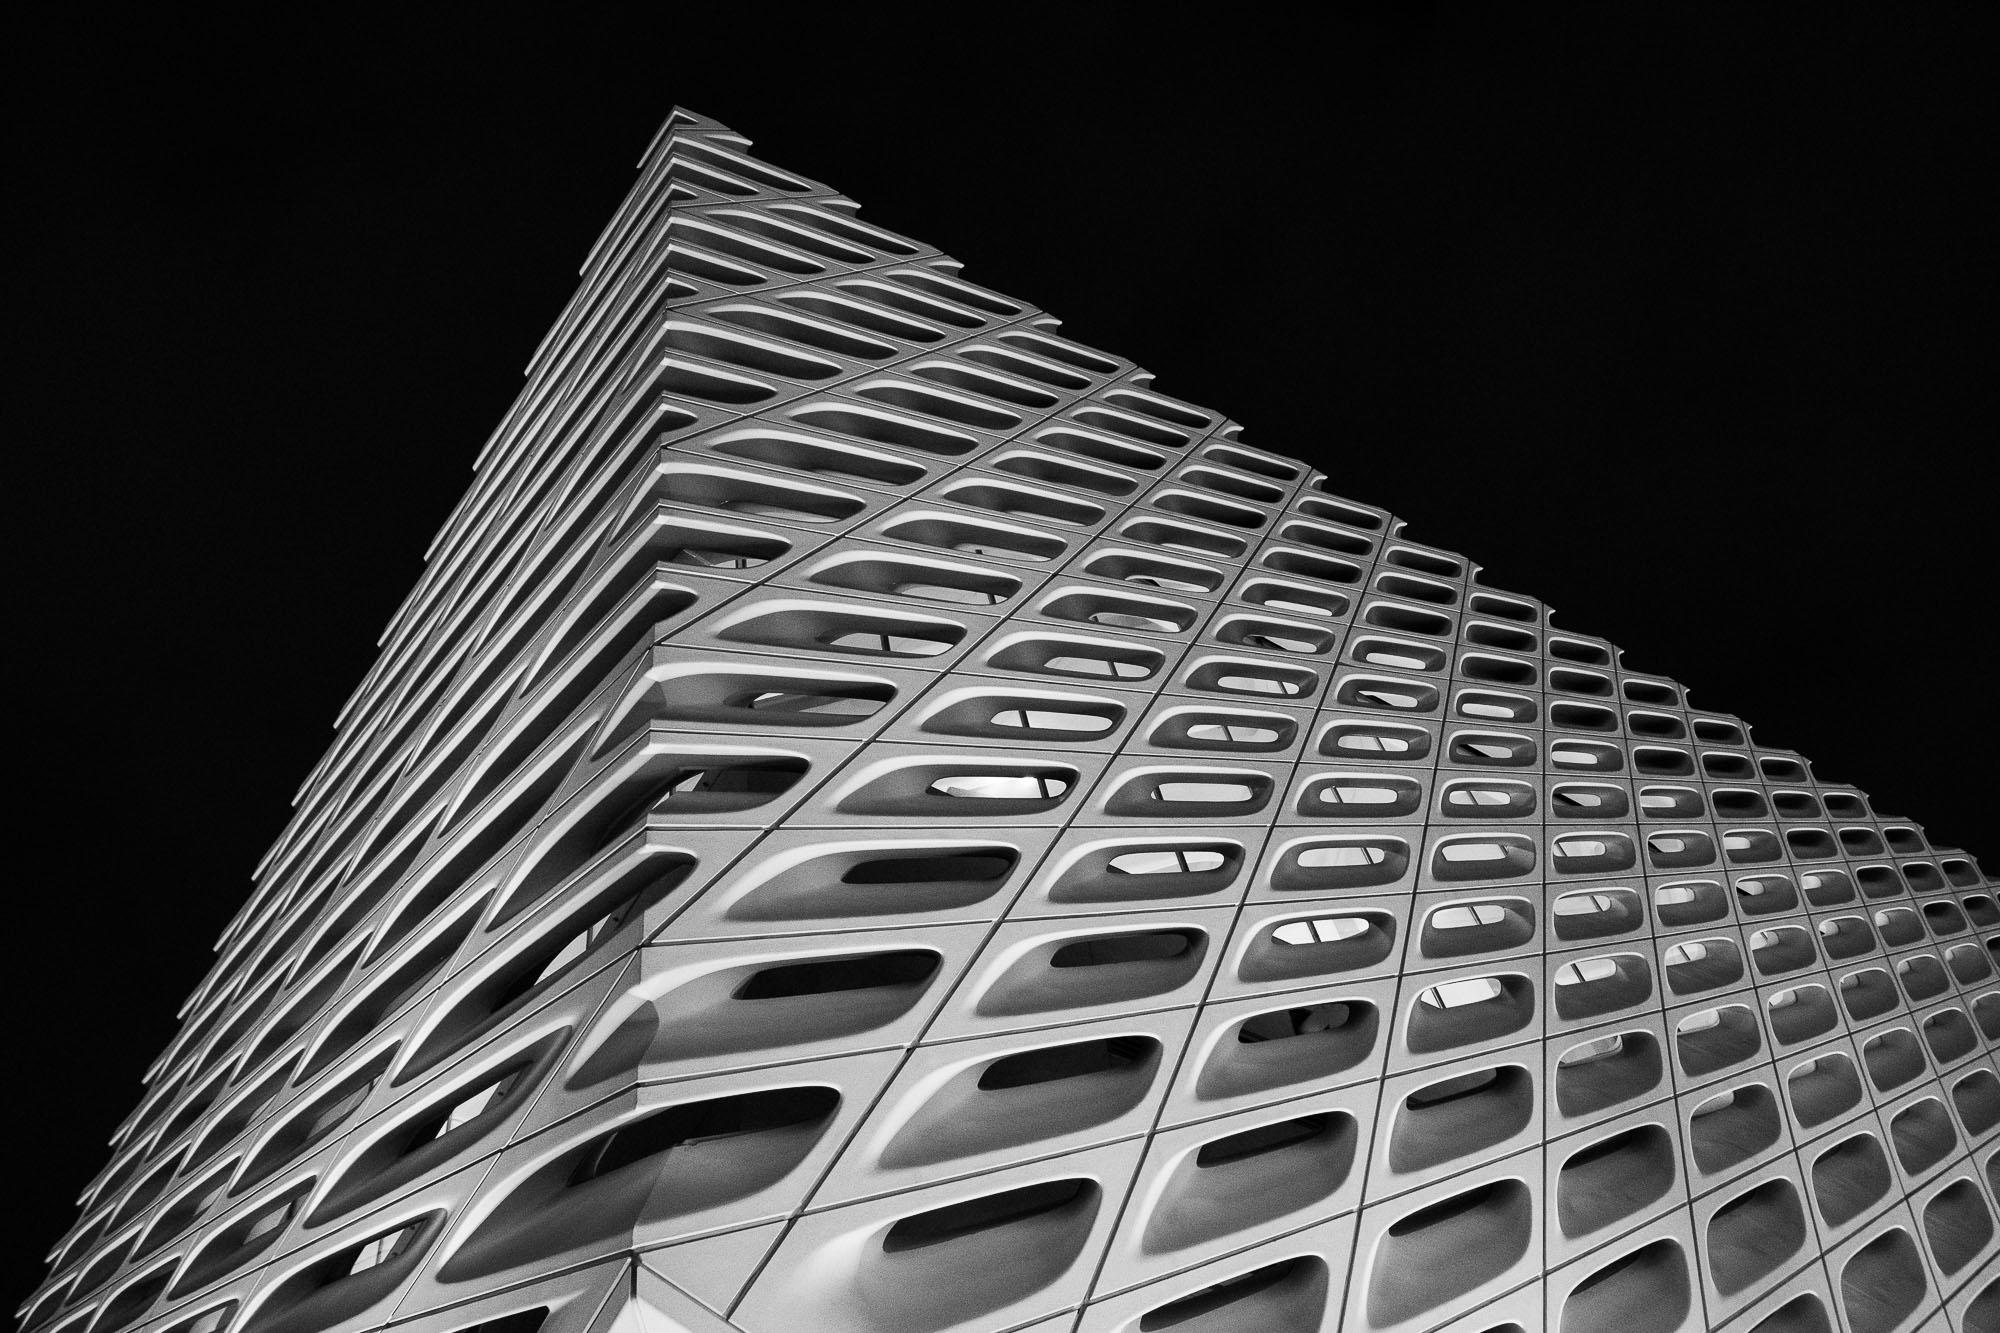 ben-arnon-architecture_003.jpg